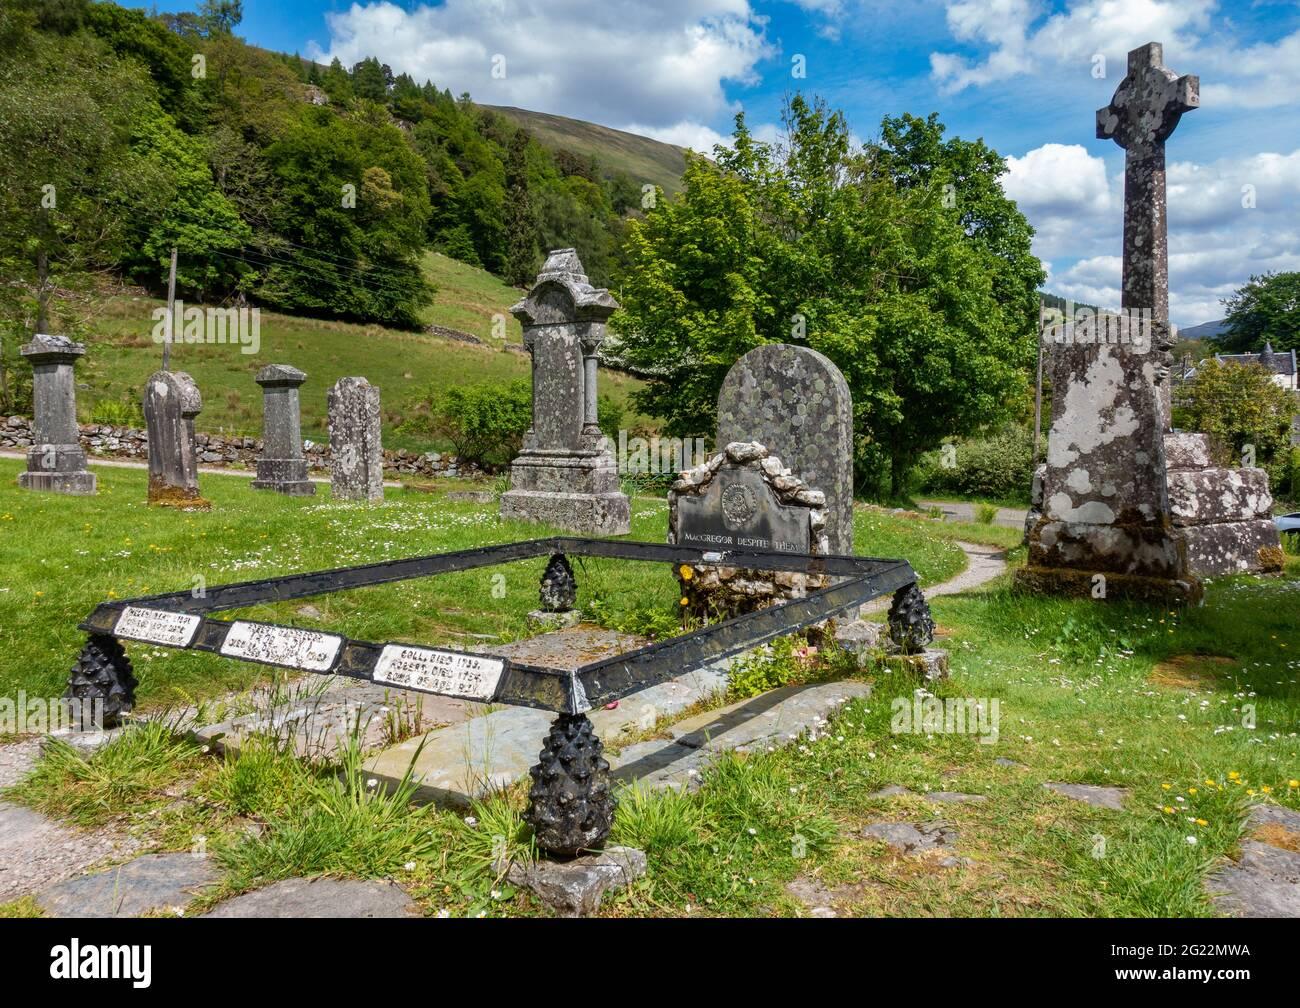 Das Grab des ehemaligen Outlaw- und Volkshelden Rob Roy MacGregor in Balquhidder, Schottland Stockfoto